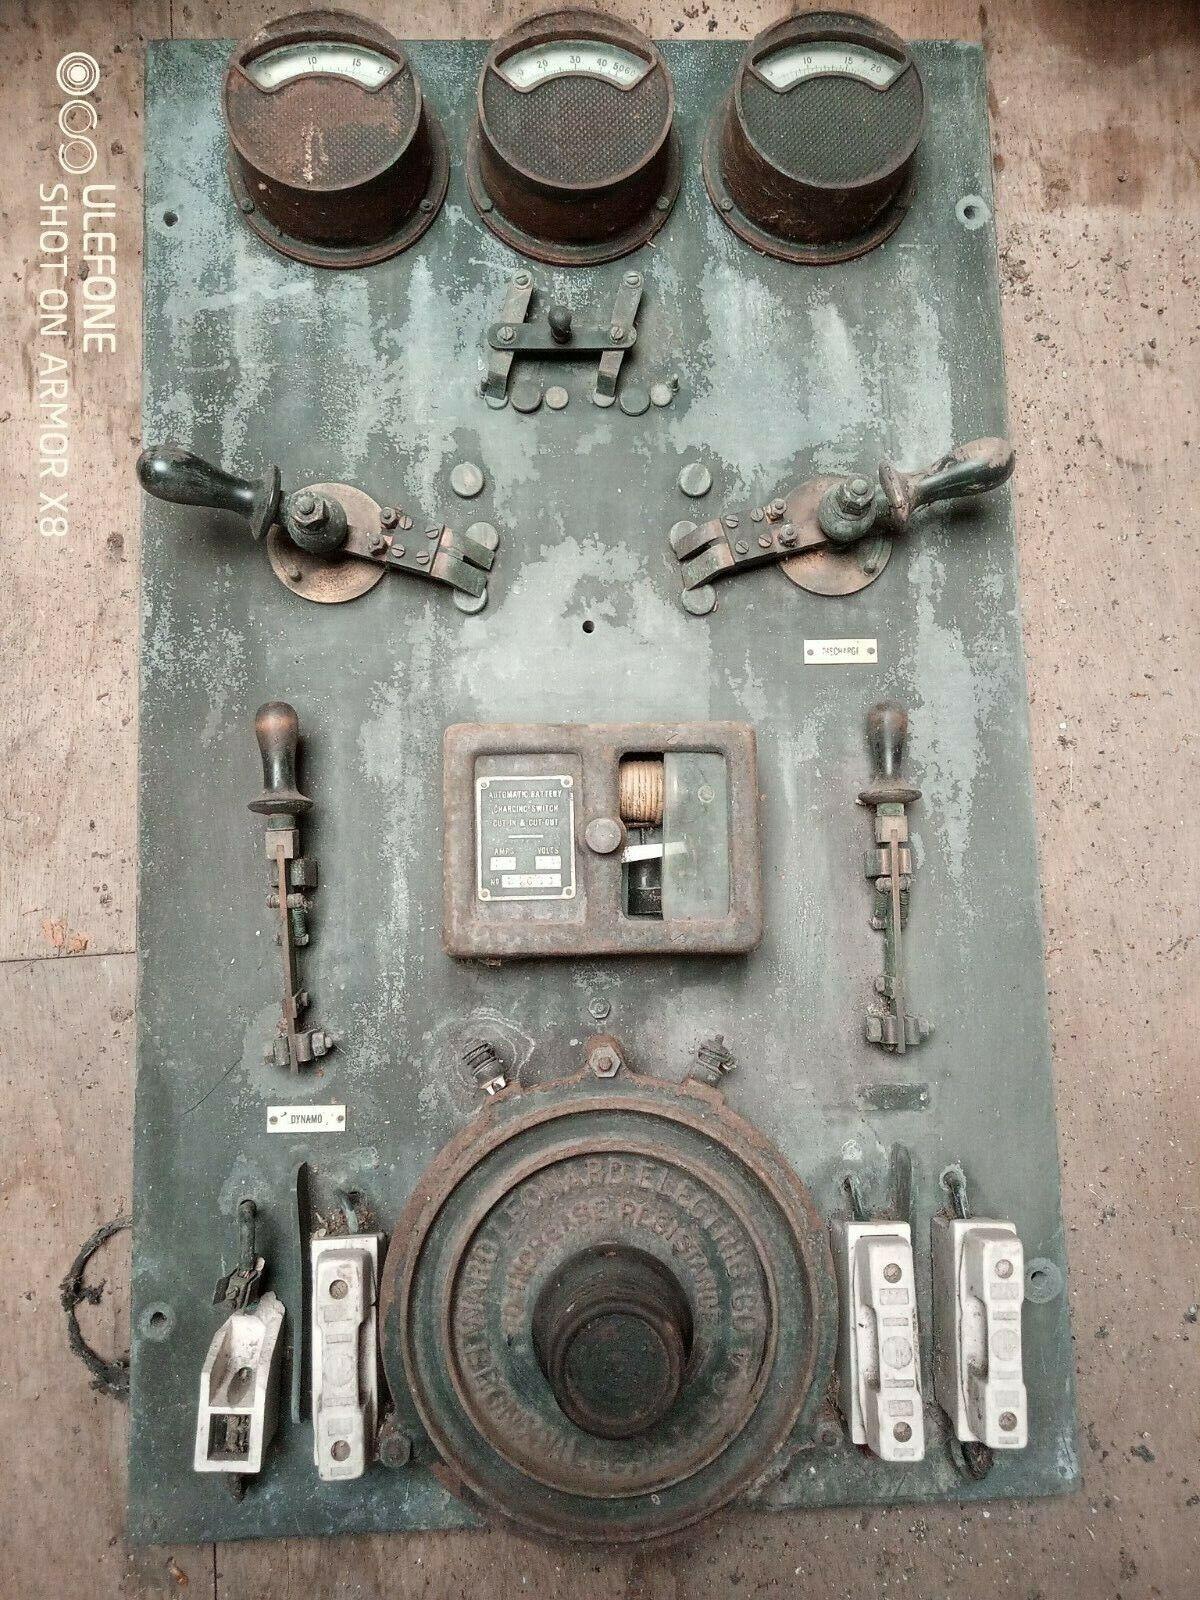 Early Slate Control Panel